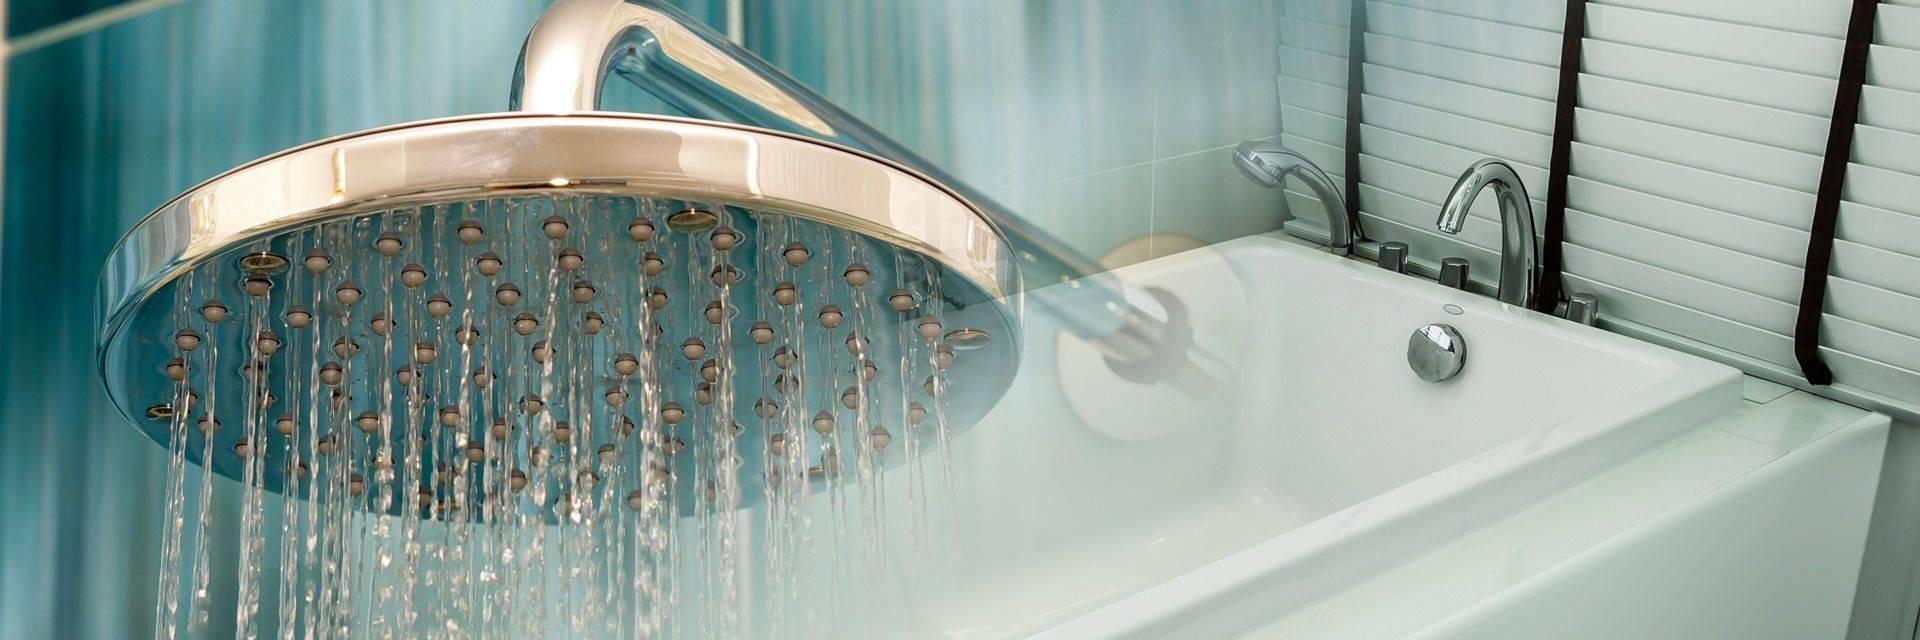 Trasformazione della vasca in doccia - Krehome Nicosia (Enna) Sicilia